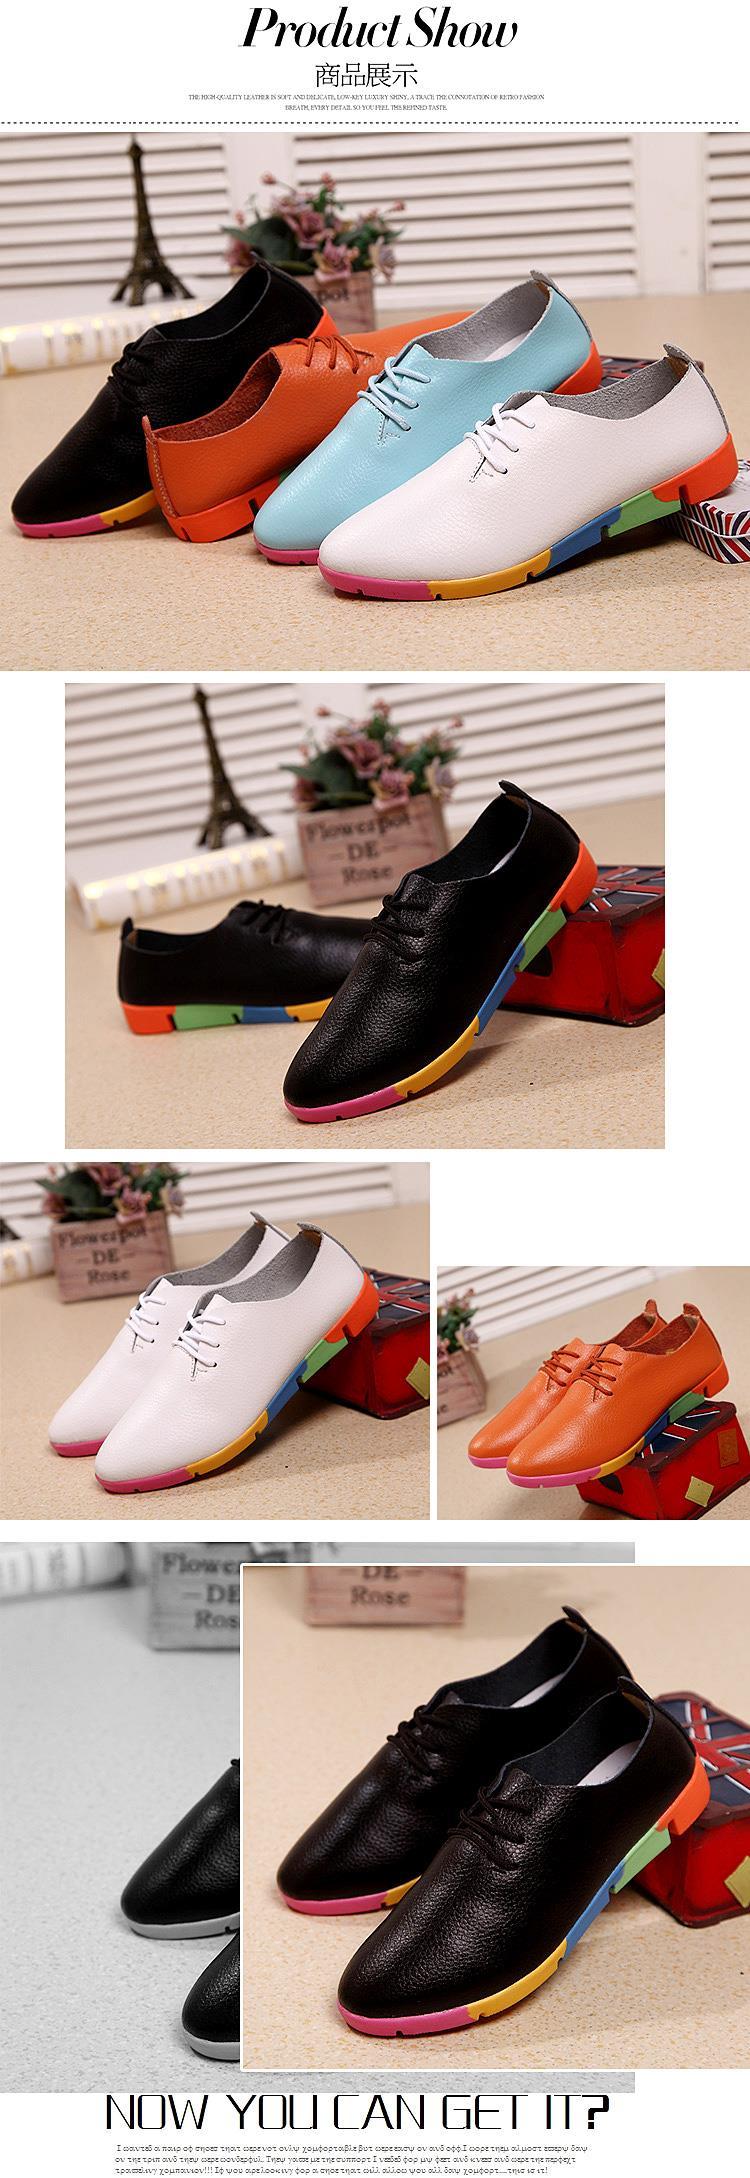 ซื้อ ผู้หญิงรองเท้าหนังวัวแท้ฟอร์ดสำหรับWomeแฟชั่นฤดูใบไม้ผลิและฤดูใบไม้ร่วงรองเท้าส้นแบนจัดส่งฟรี